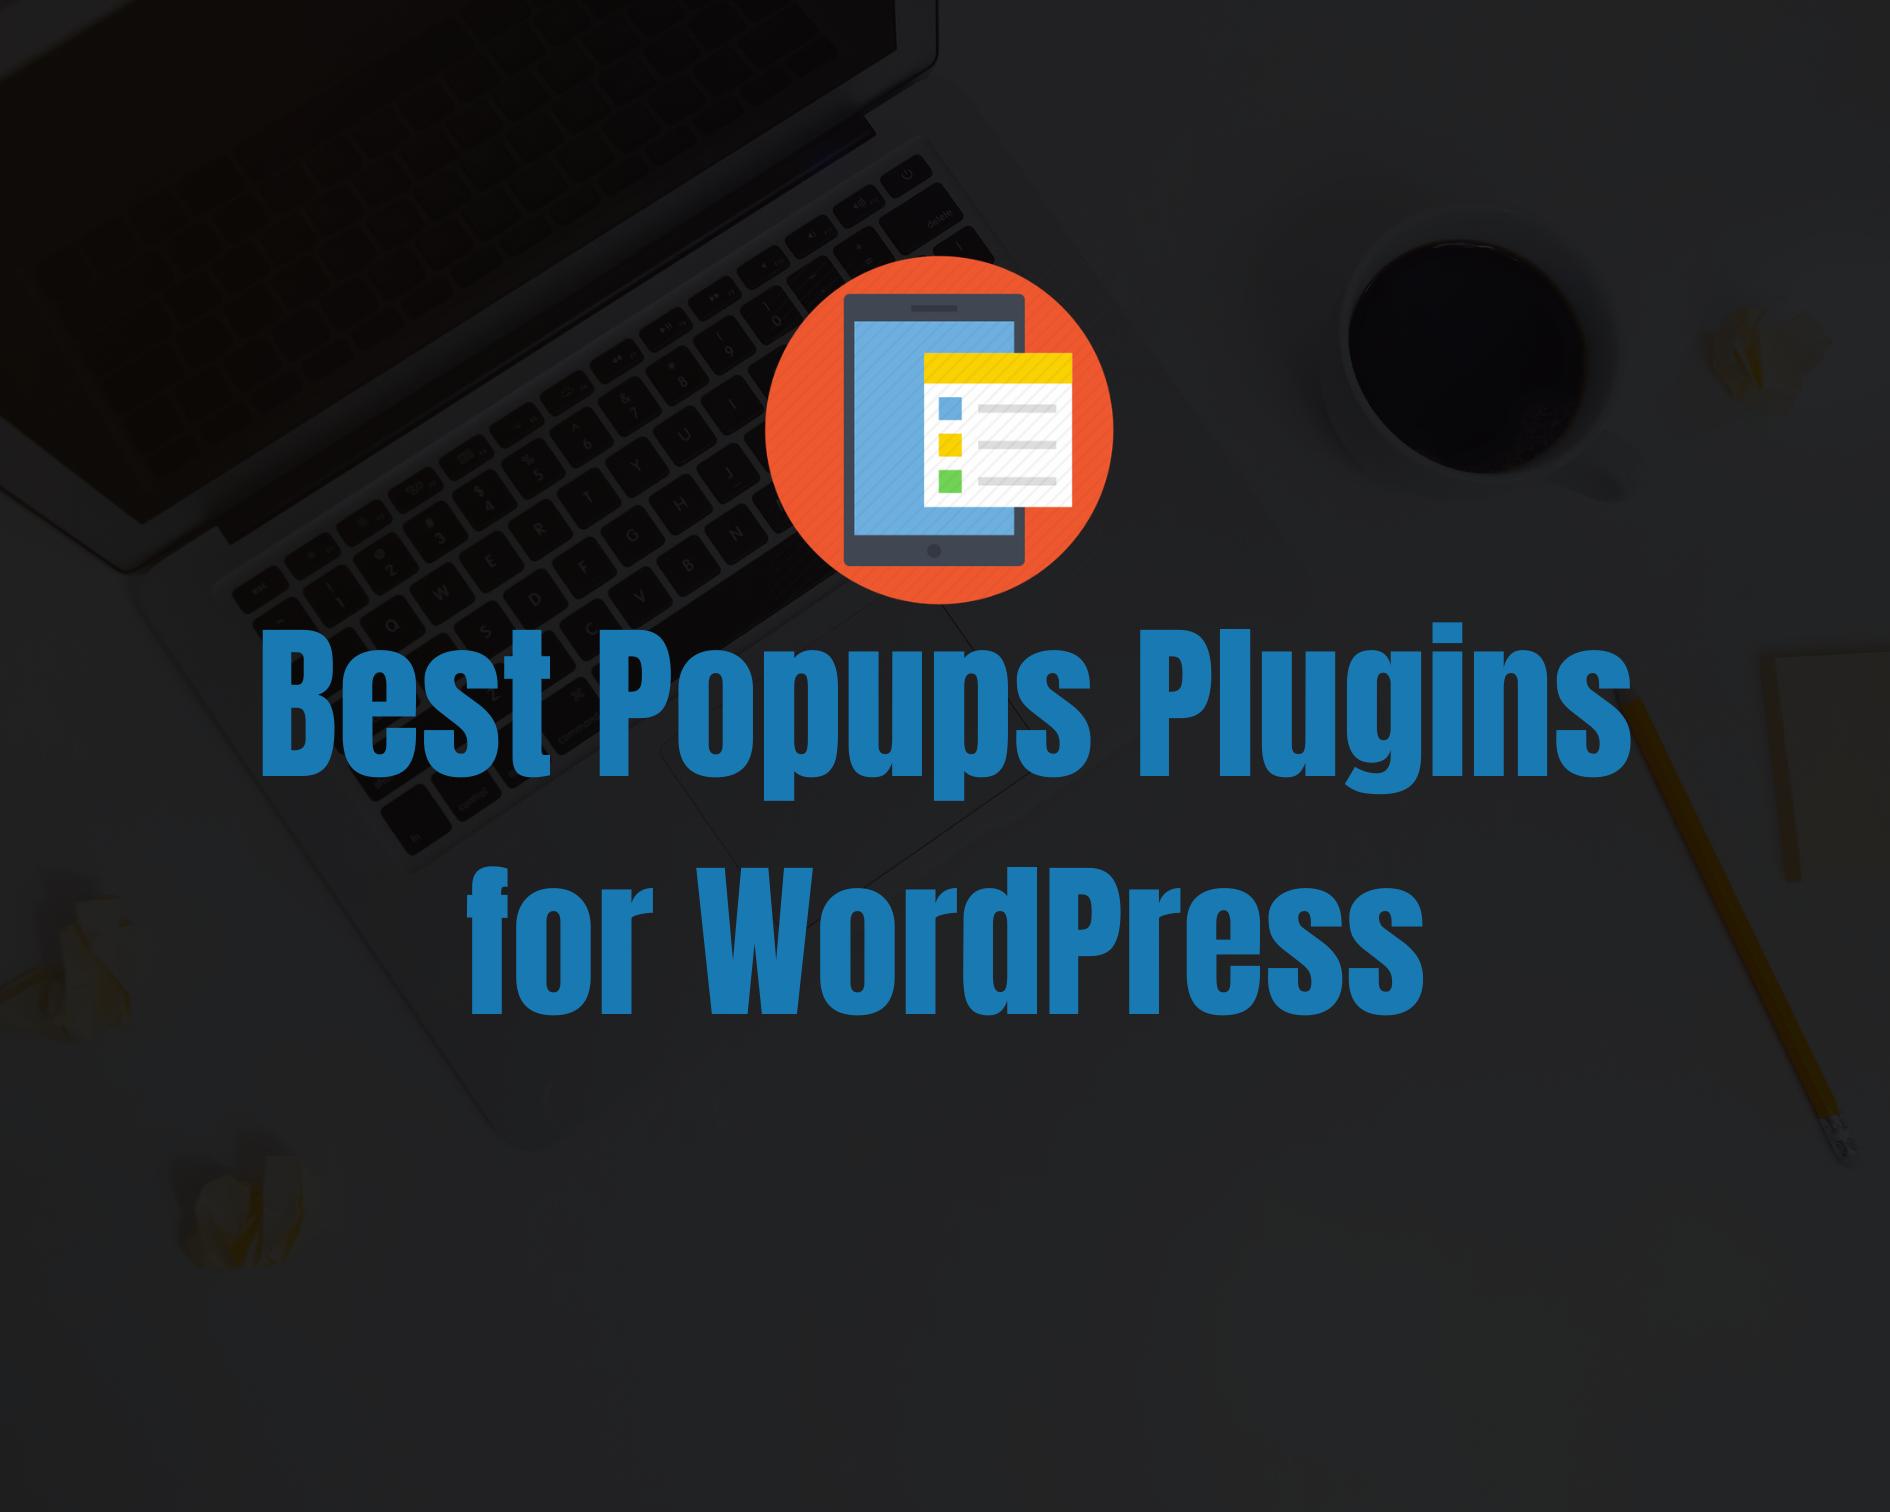 7 Best WordPress Popup Plugins of 2021